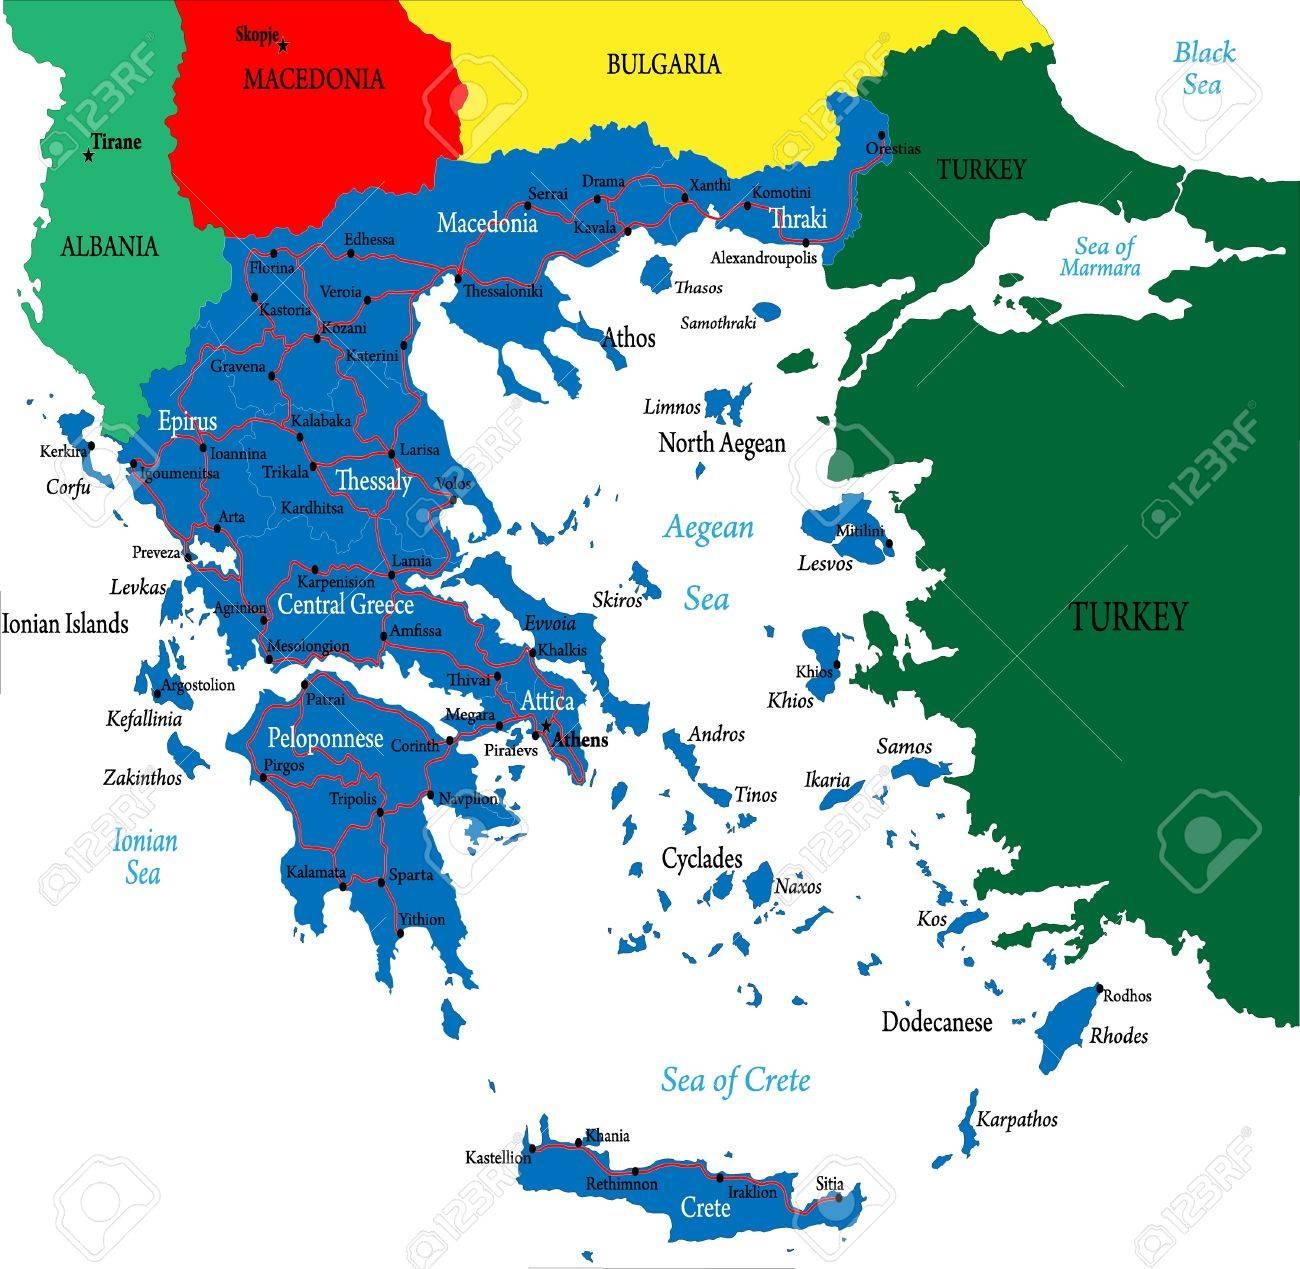 Mapa Politico De Grecia.Grecia Mapa Politico